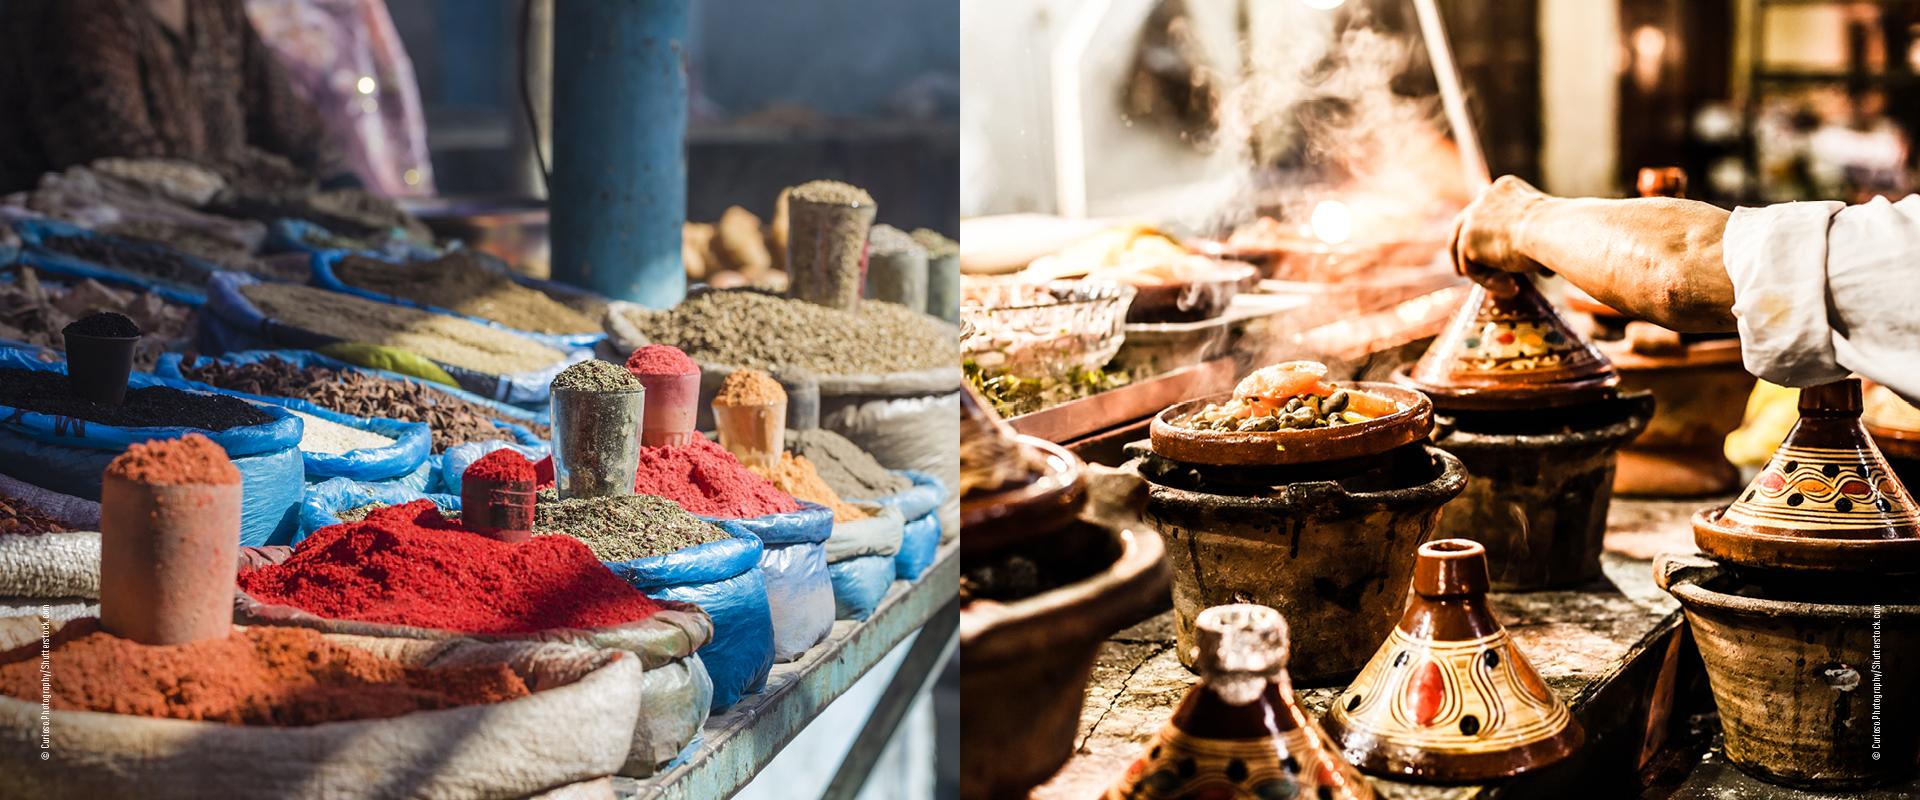 Gewürze und orientalisches Essen in der Tajine